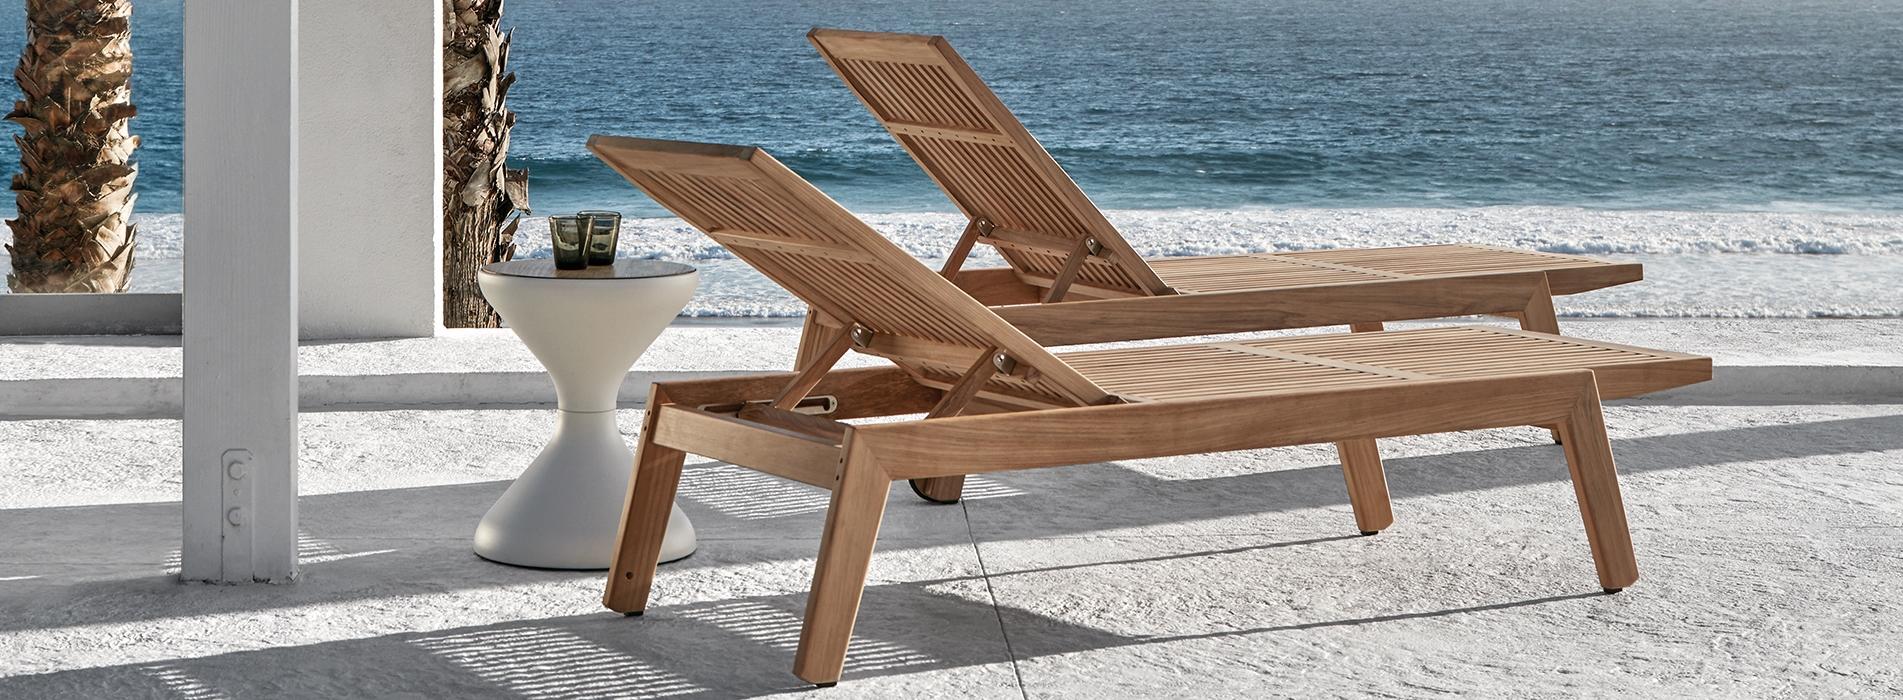 inside-concept-outdoor-exterieur-mobilier-design-amenagement-transat